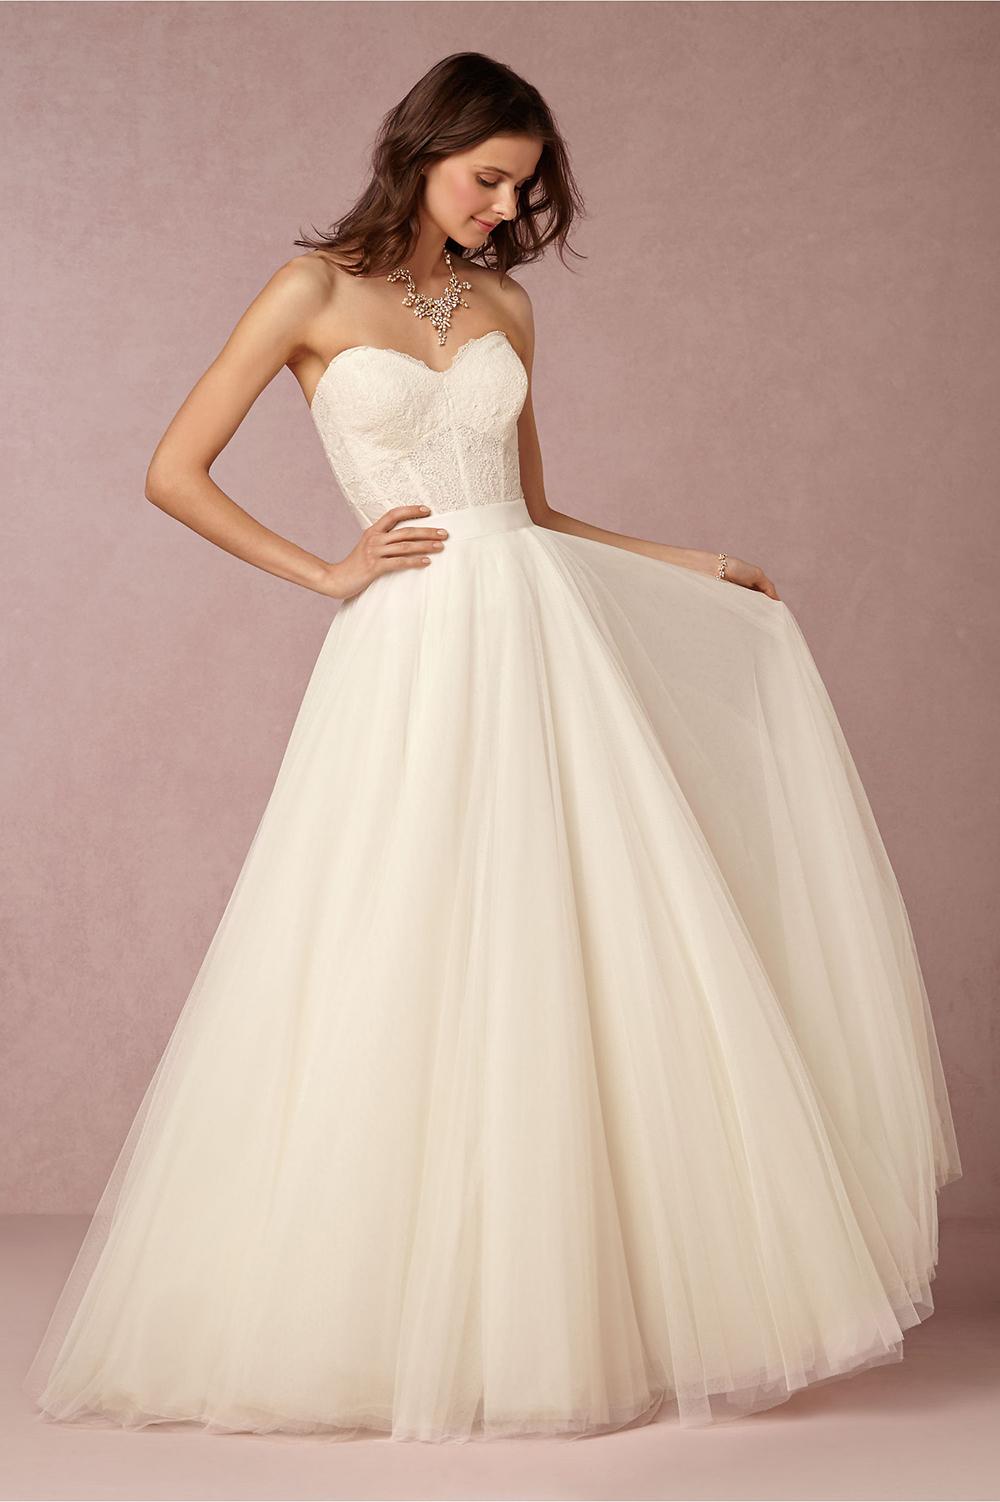 BHLDN Carina Corset & Ahsan Skirt - BHLDN Wedding Gowns